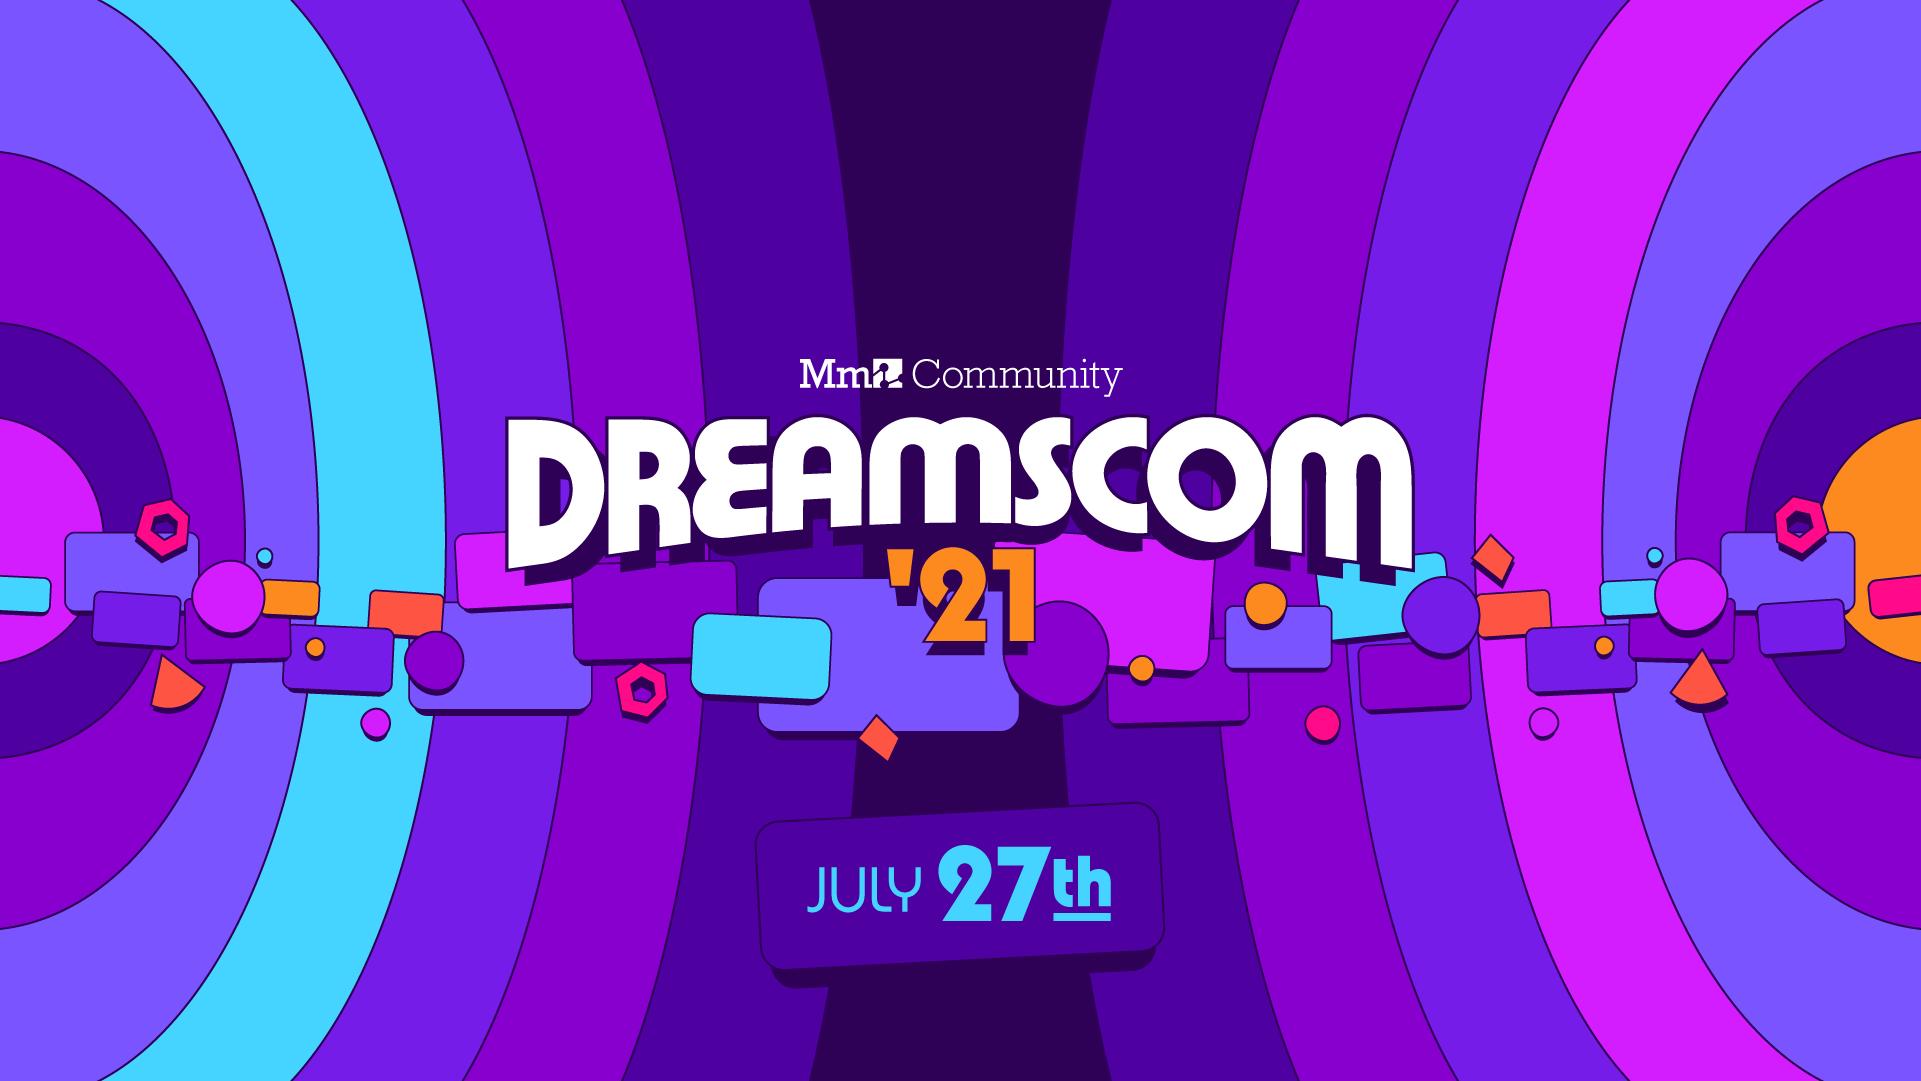 The logo for DreamsCom '21.